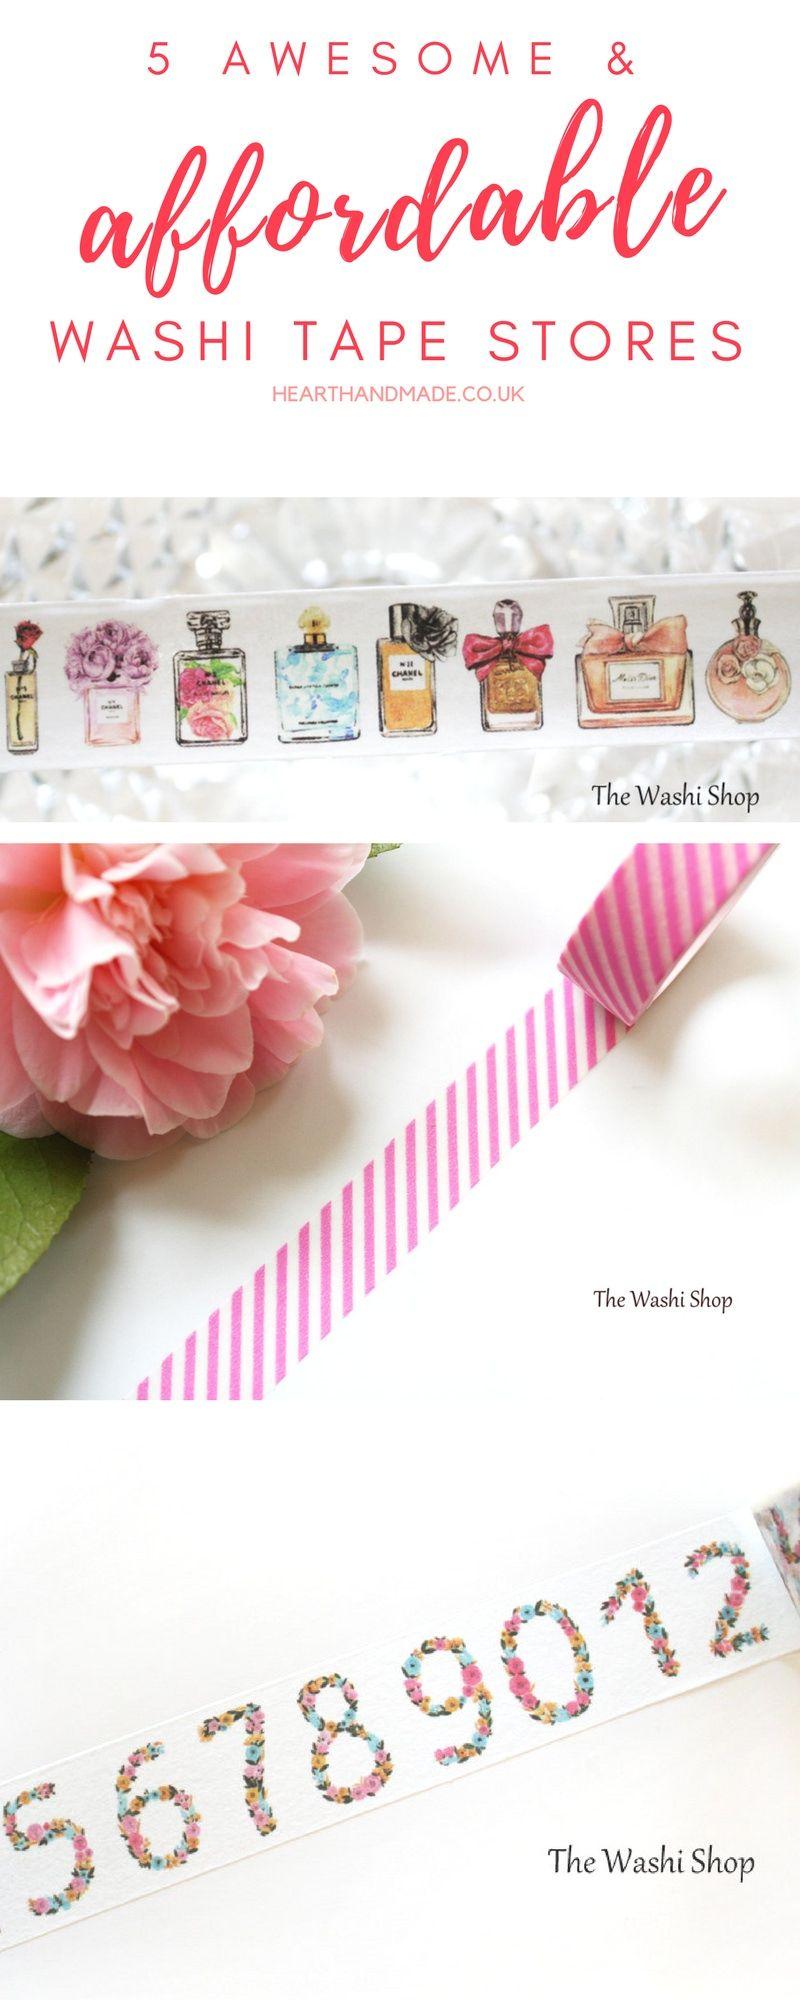 5 доступных кассетных магазинов Washi, которые вам обязательно понравятся!